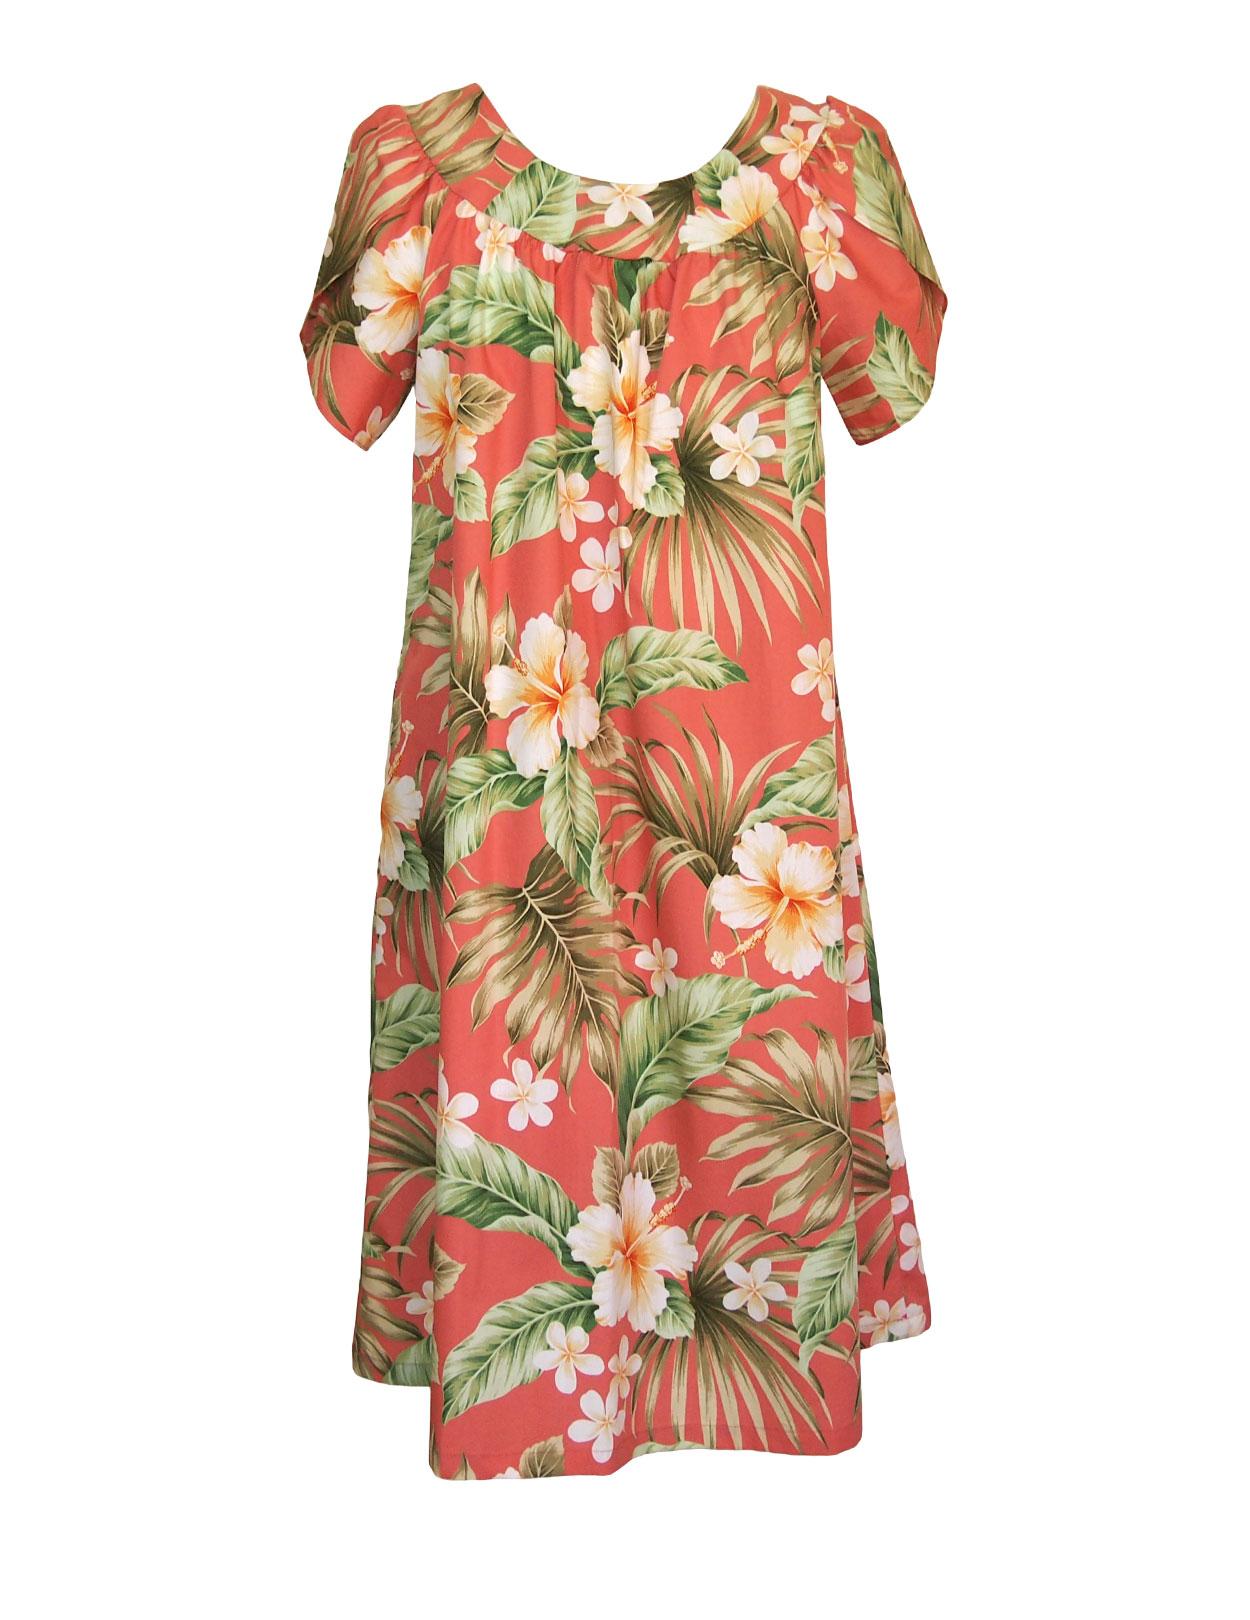 Pull over muumuu flower hibiscus design dress shaka time hawaii pull over muumuu flower hibiscus design dress shaka time hawaii clothing store izmirmasajfo